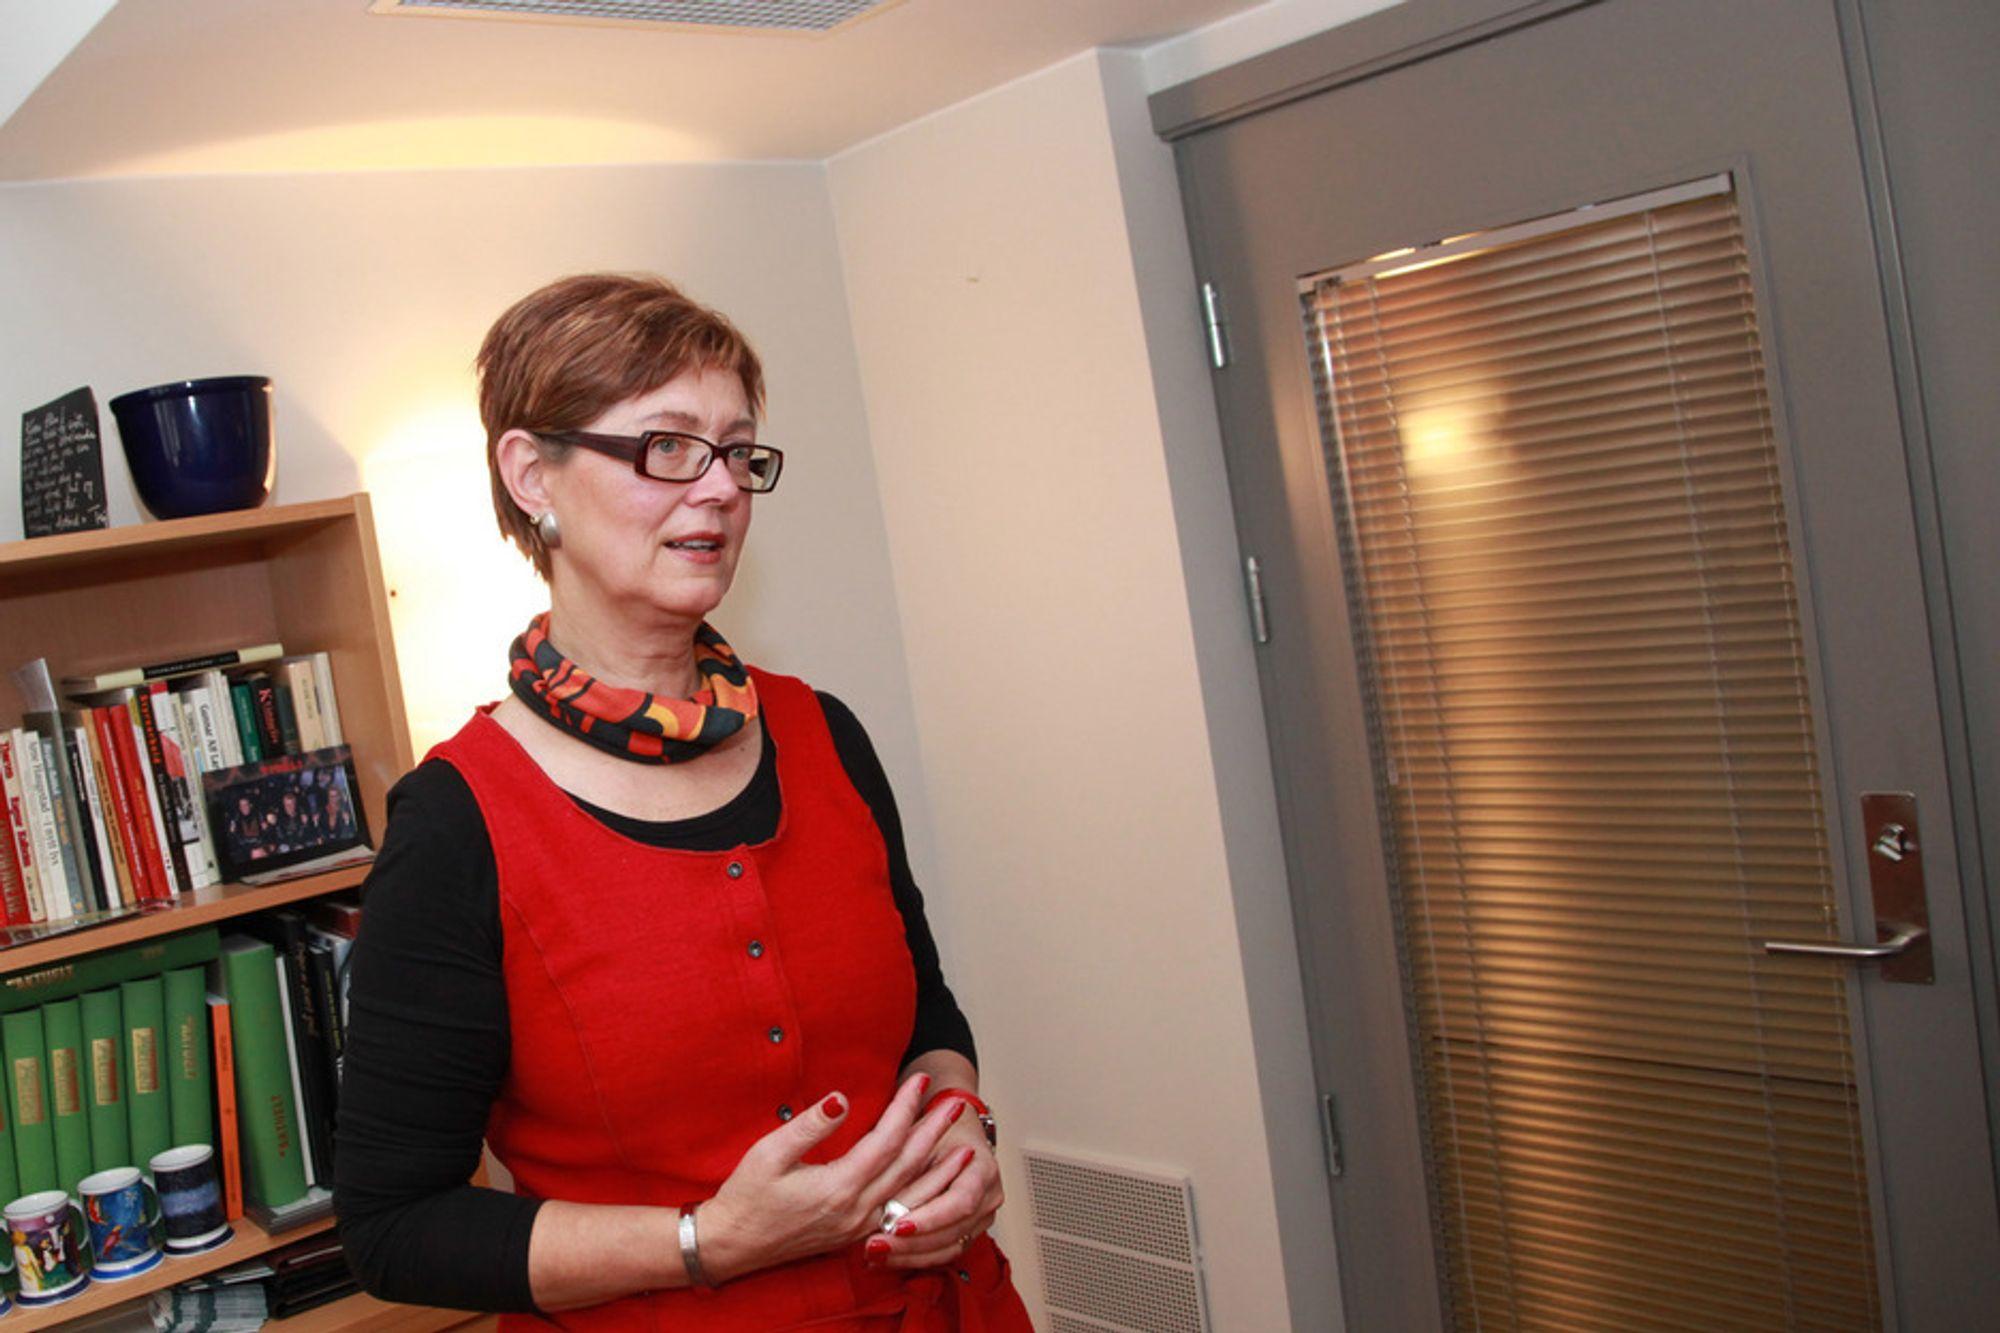 KRITIKK: Ellen Stensrud er lite tilfreds med situasjonen.